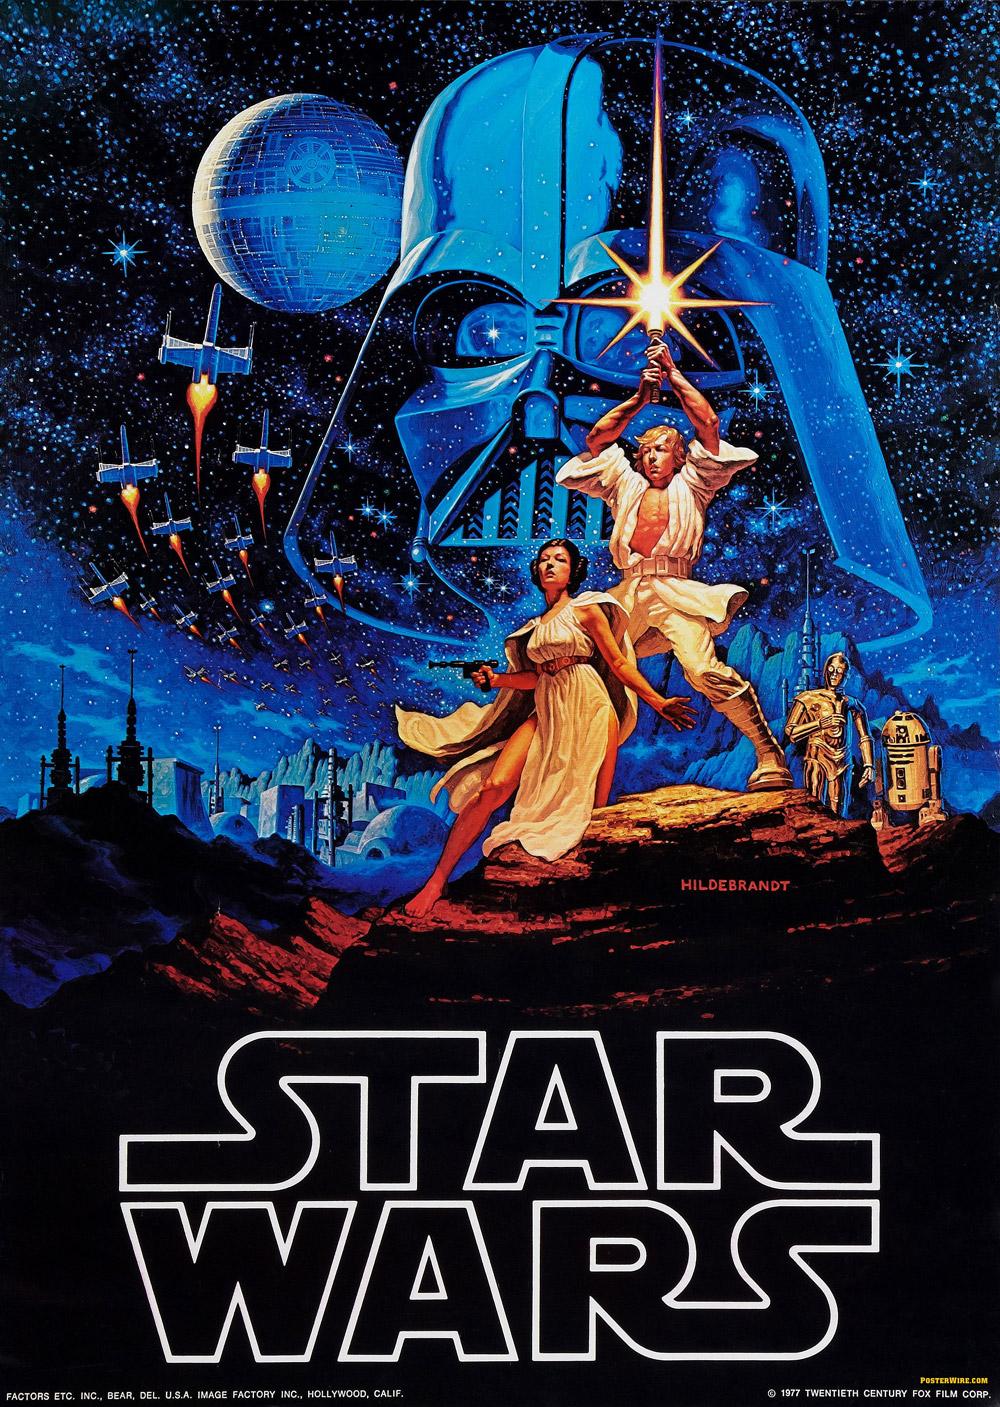 O poster mais famoso do filme original desenhado pelos irmãos Greg y Tim Hildebrandt, que lembra muito Conan e He-man